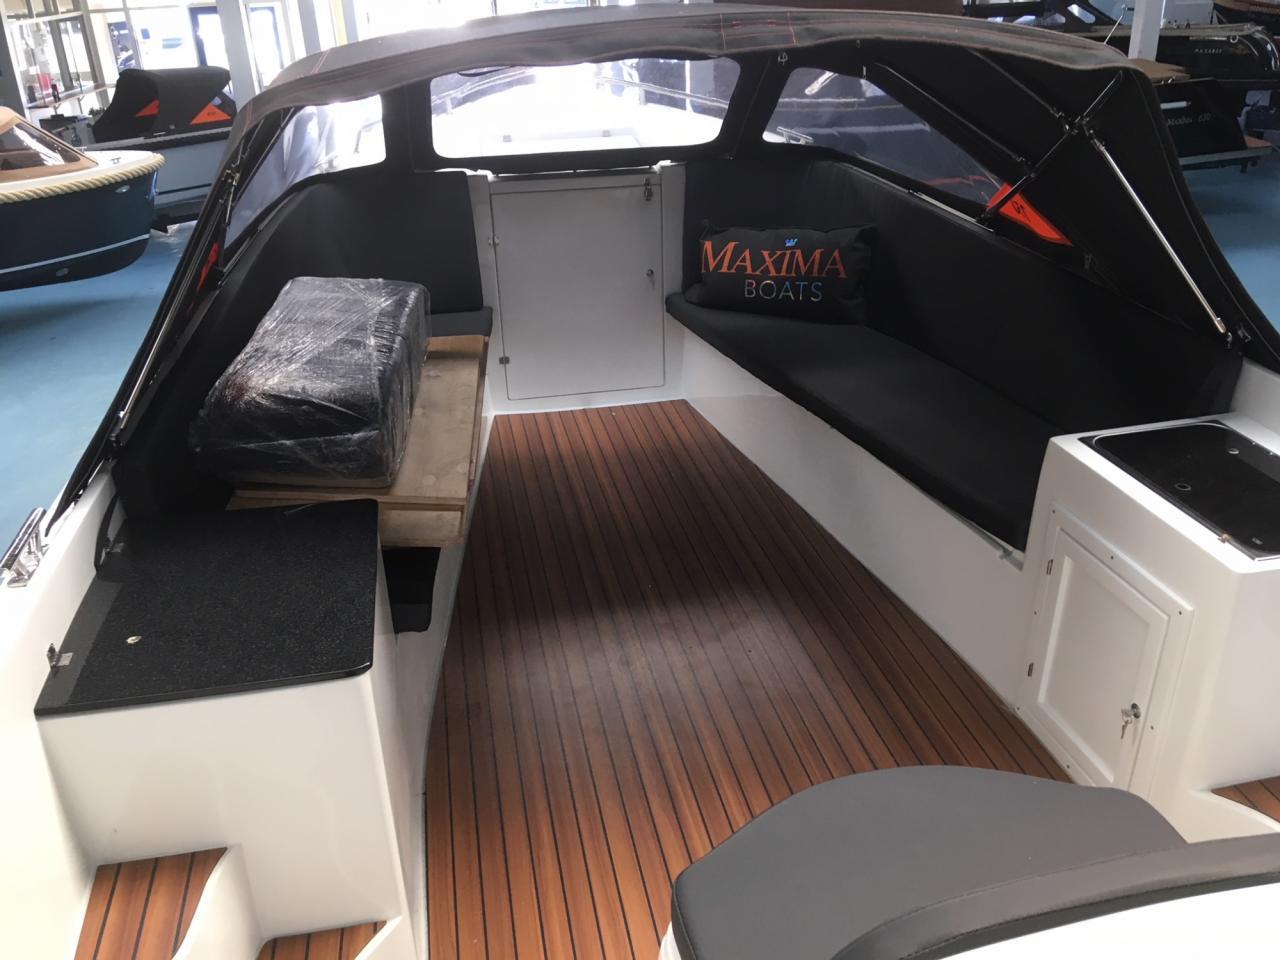 Maxima 750 lounge wit 4